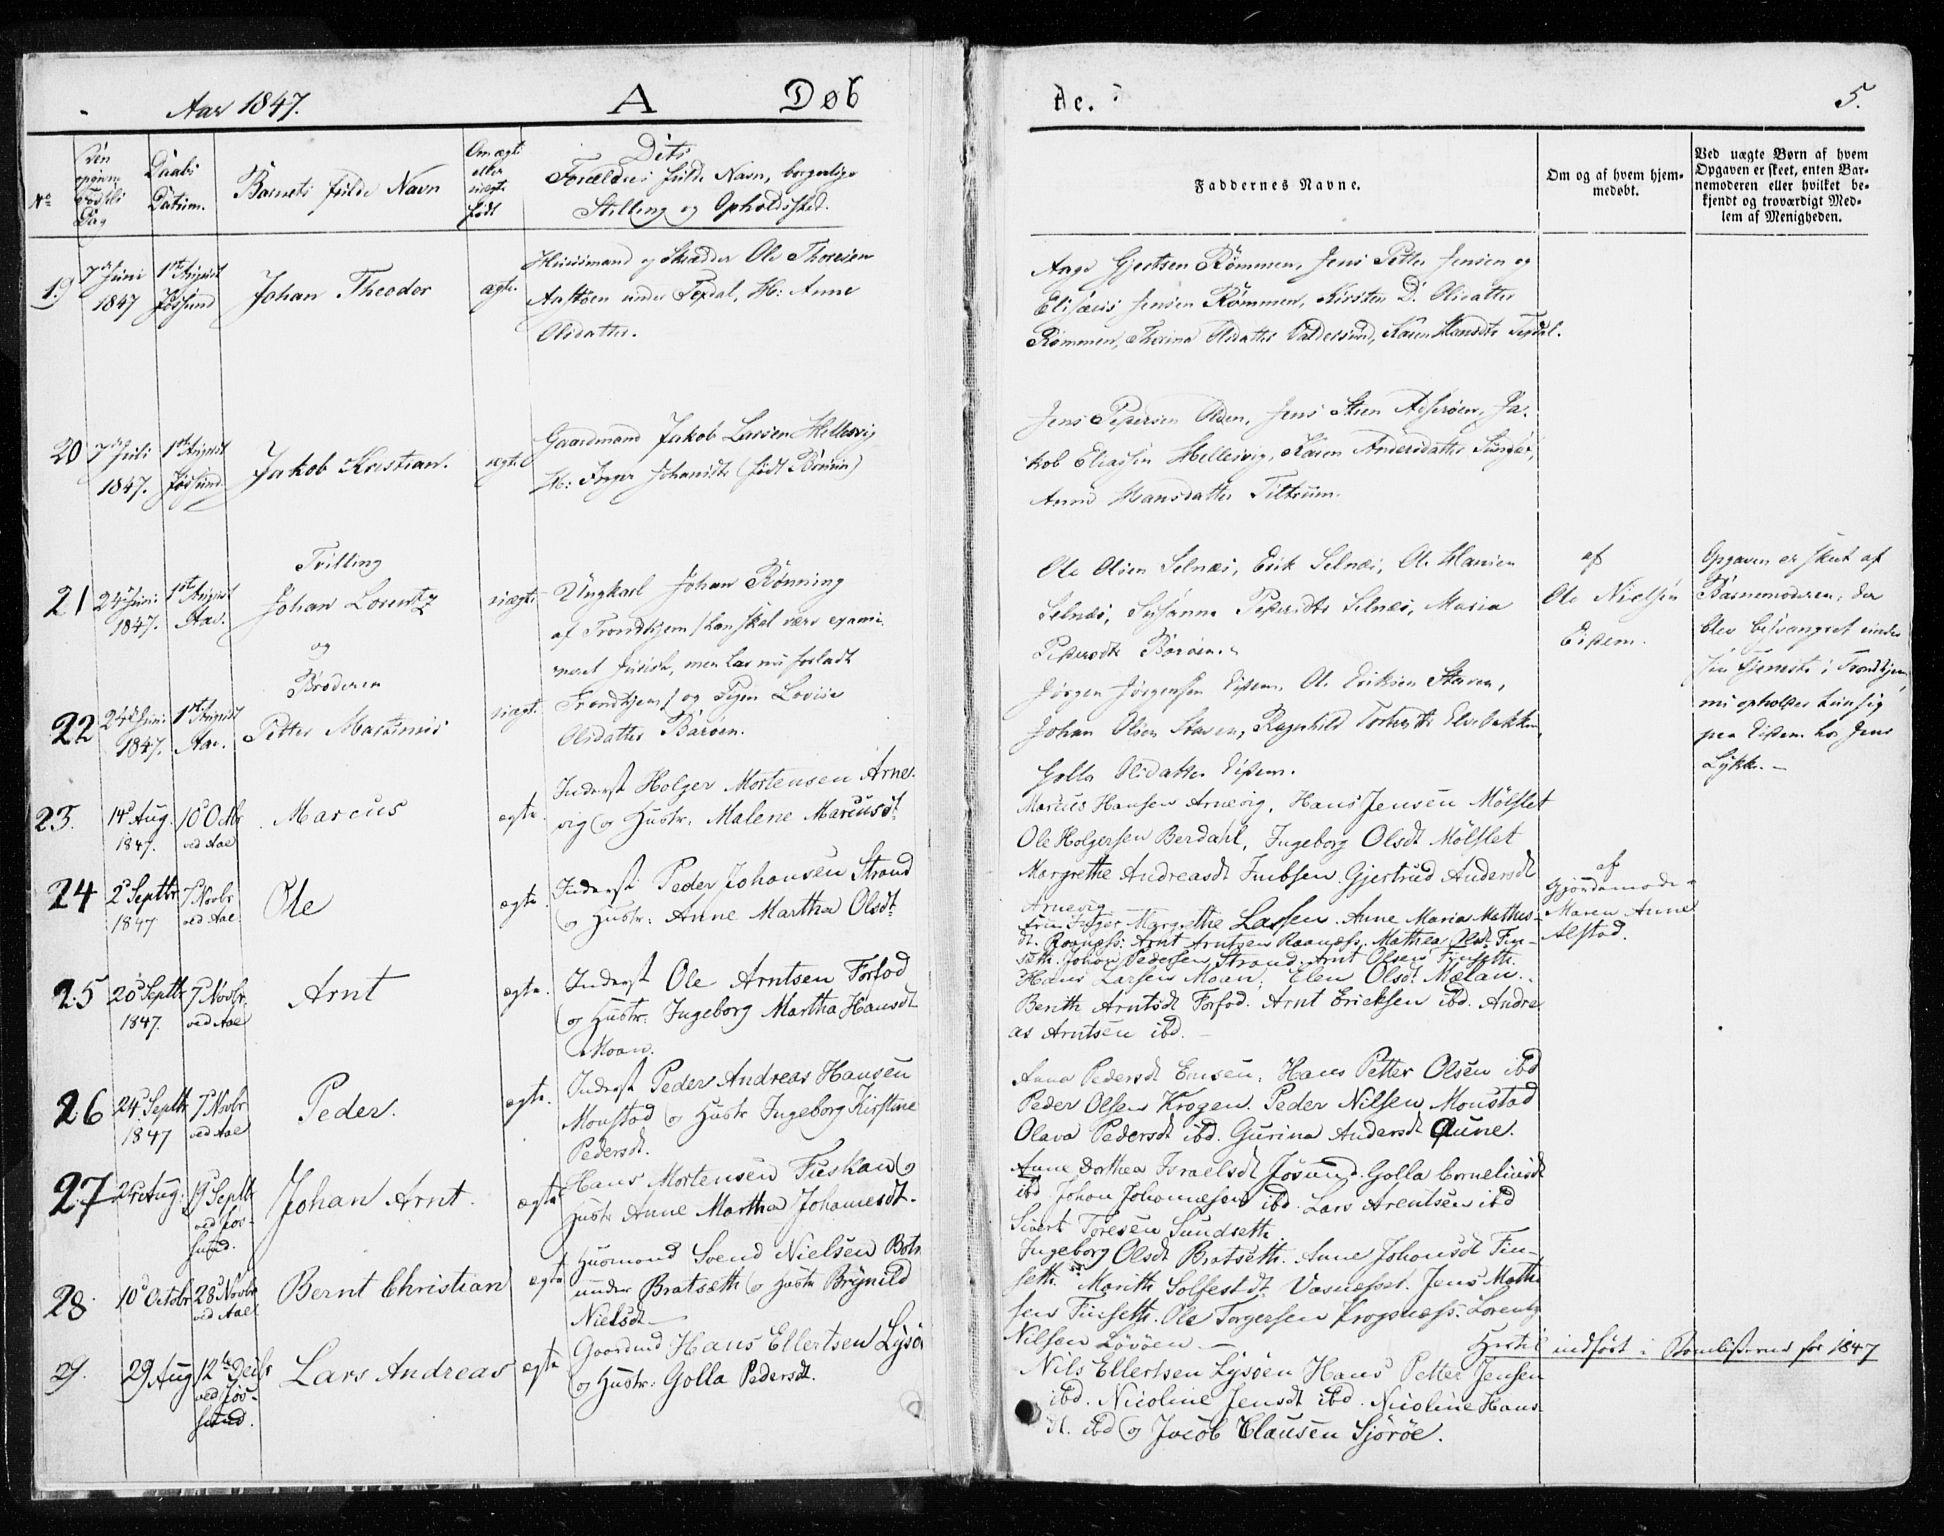 SAT, Ministerialprotokoller, klokkerbøker og fødselsregistre - Sør-Trøndelag, 655/L0677: Ministerialbok nr. 655A06, 1847-1860, s. 5